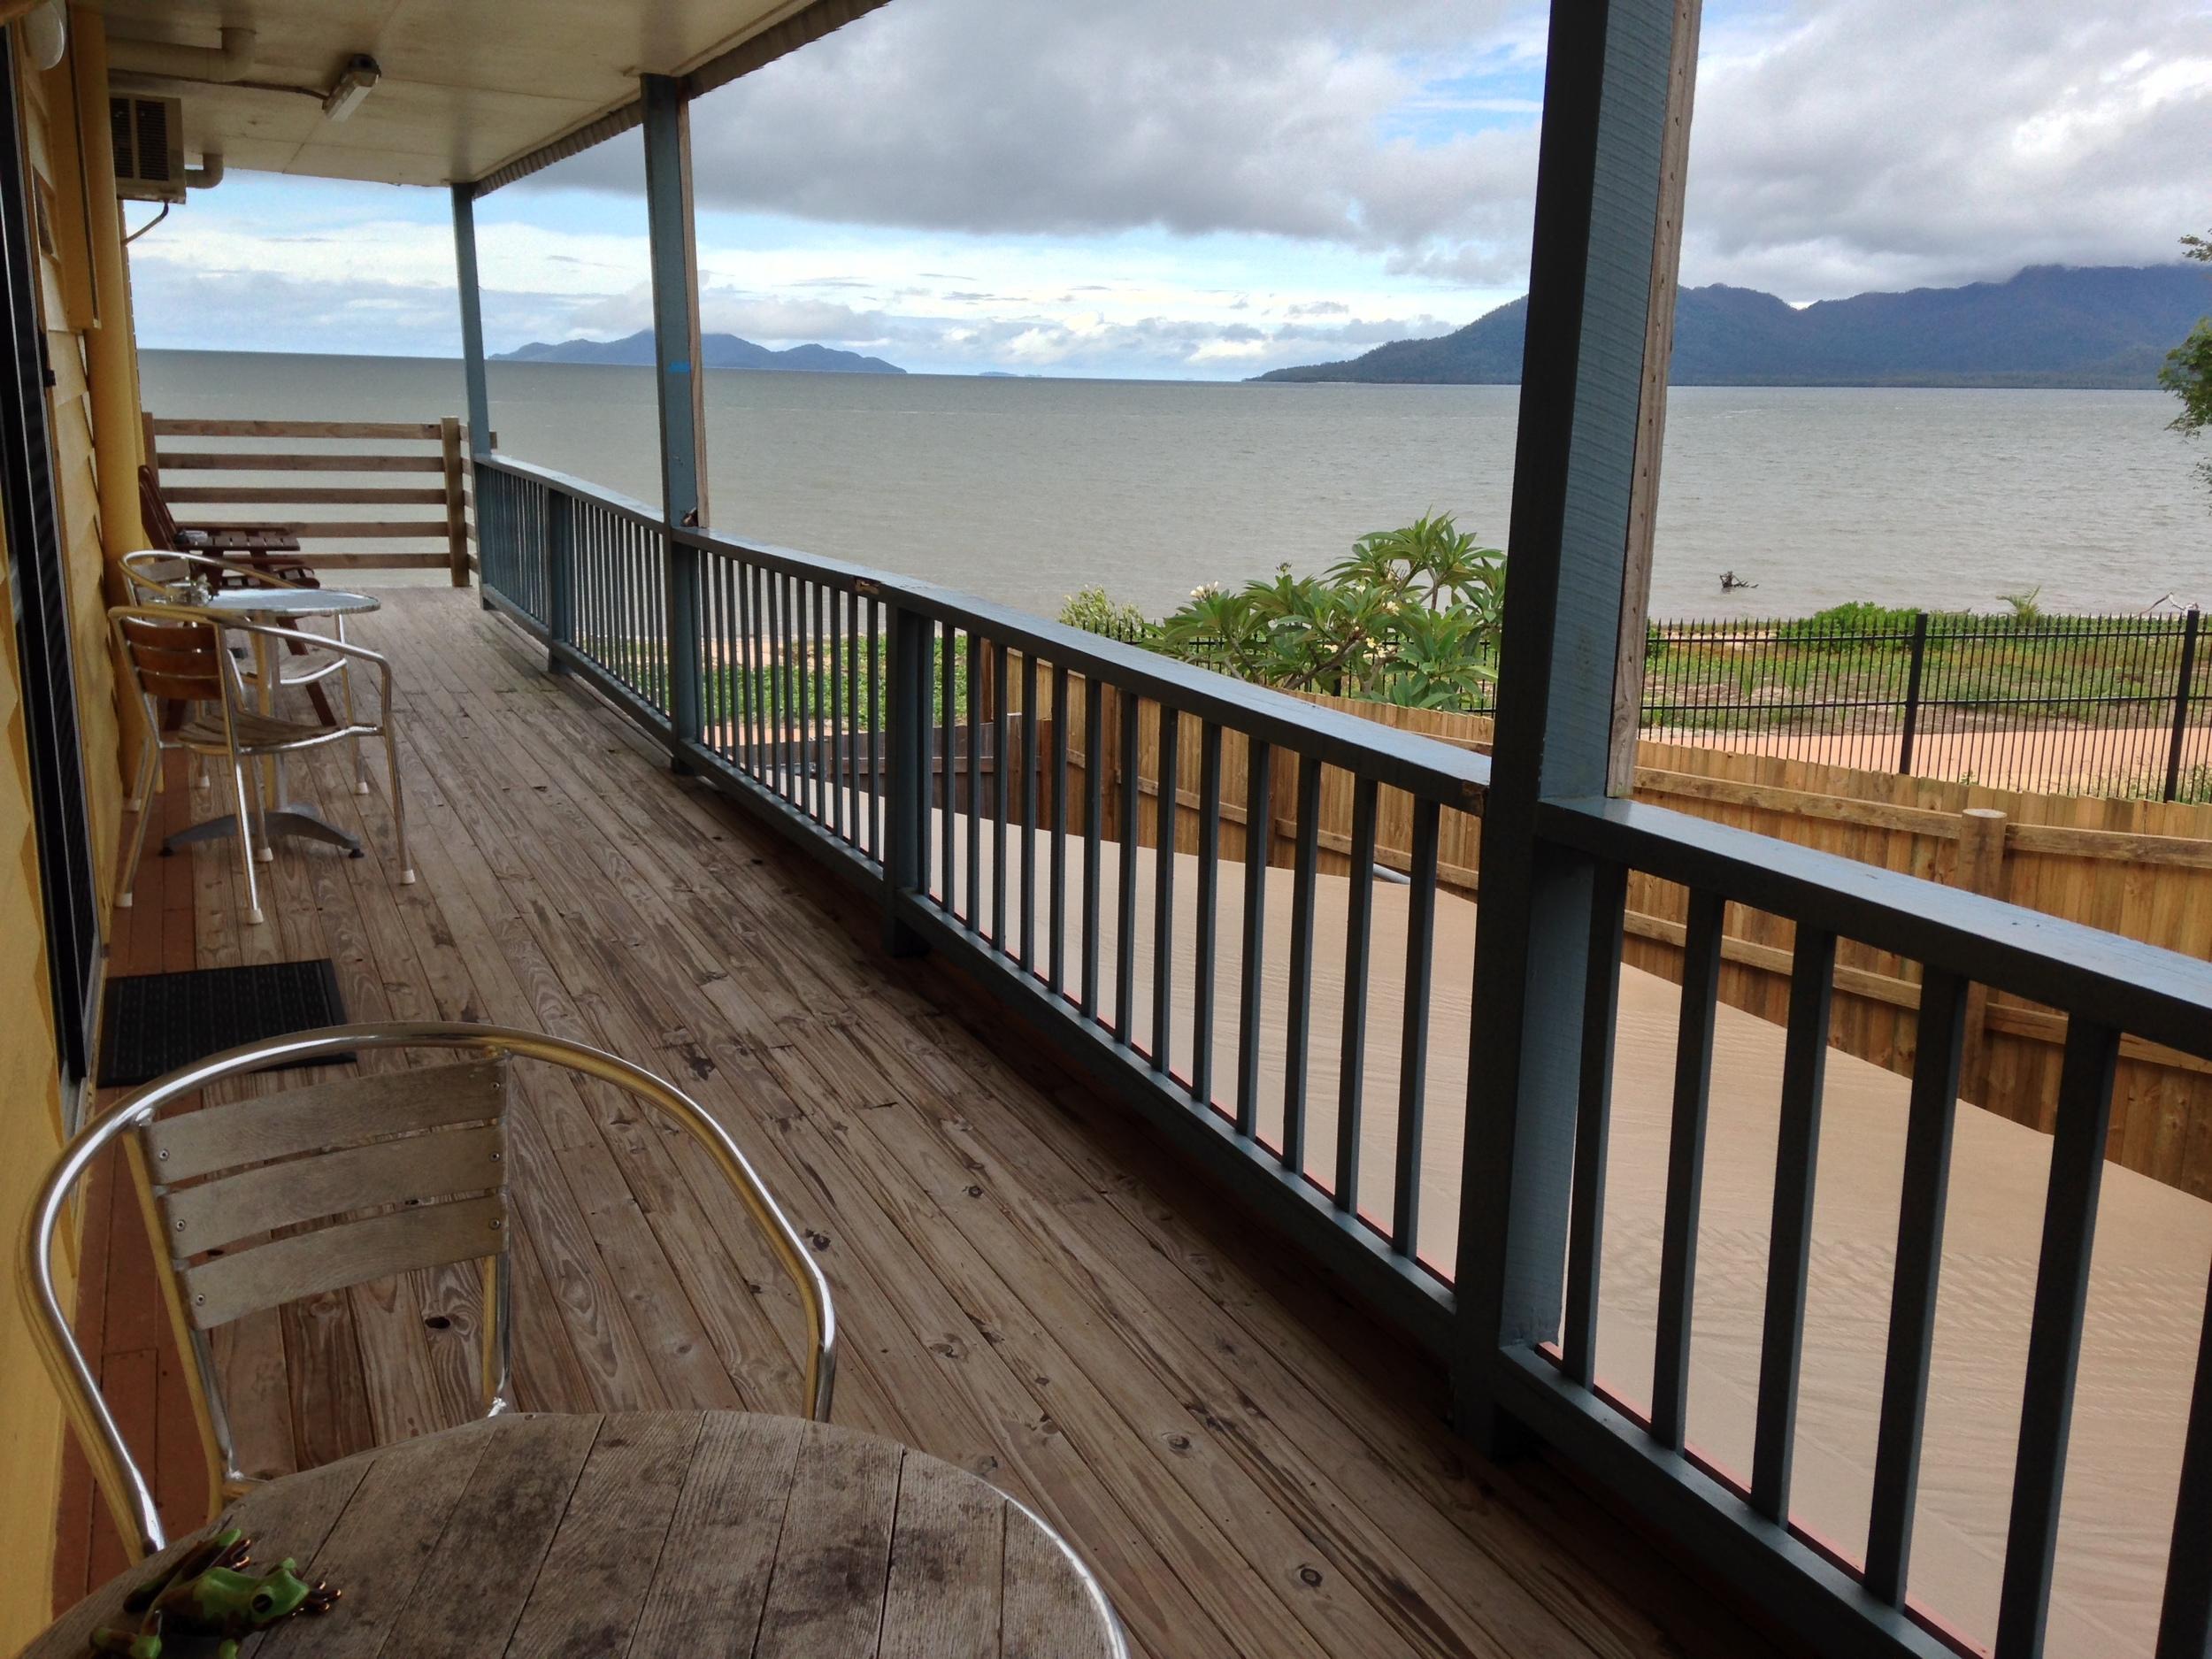 View from southside verandah